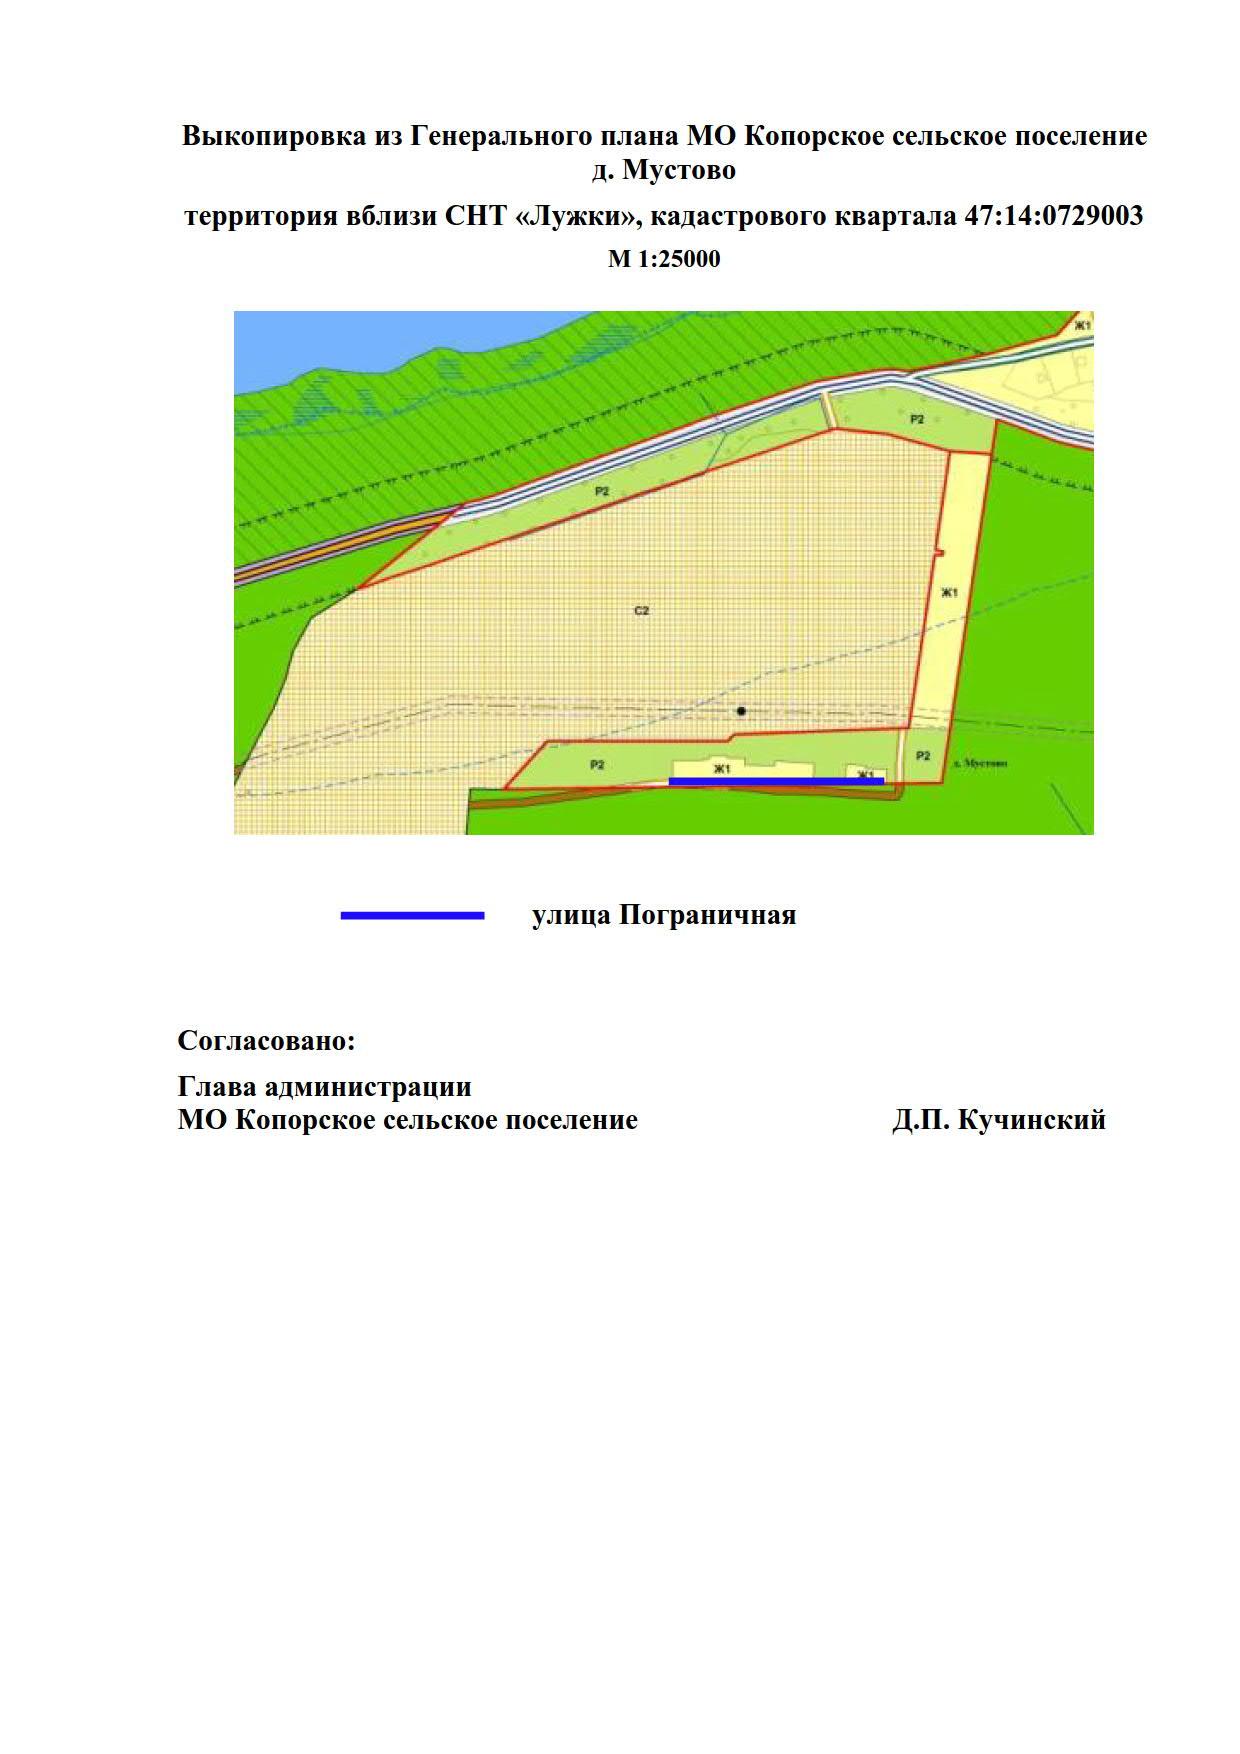 пост.29а от 15.01.18г. д.Мустово, ул. Правобережная, ул. Пограничная_3